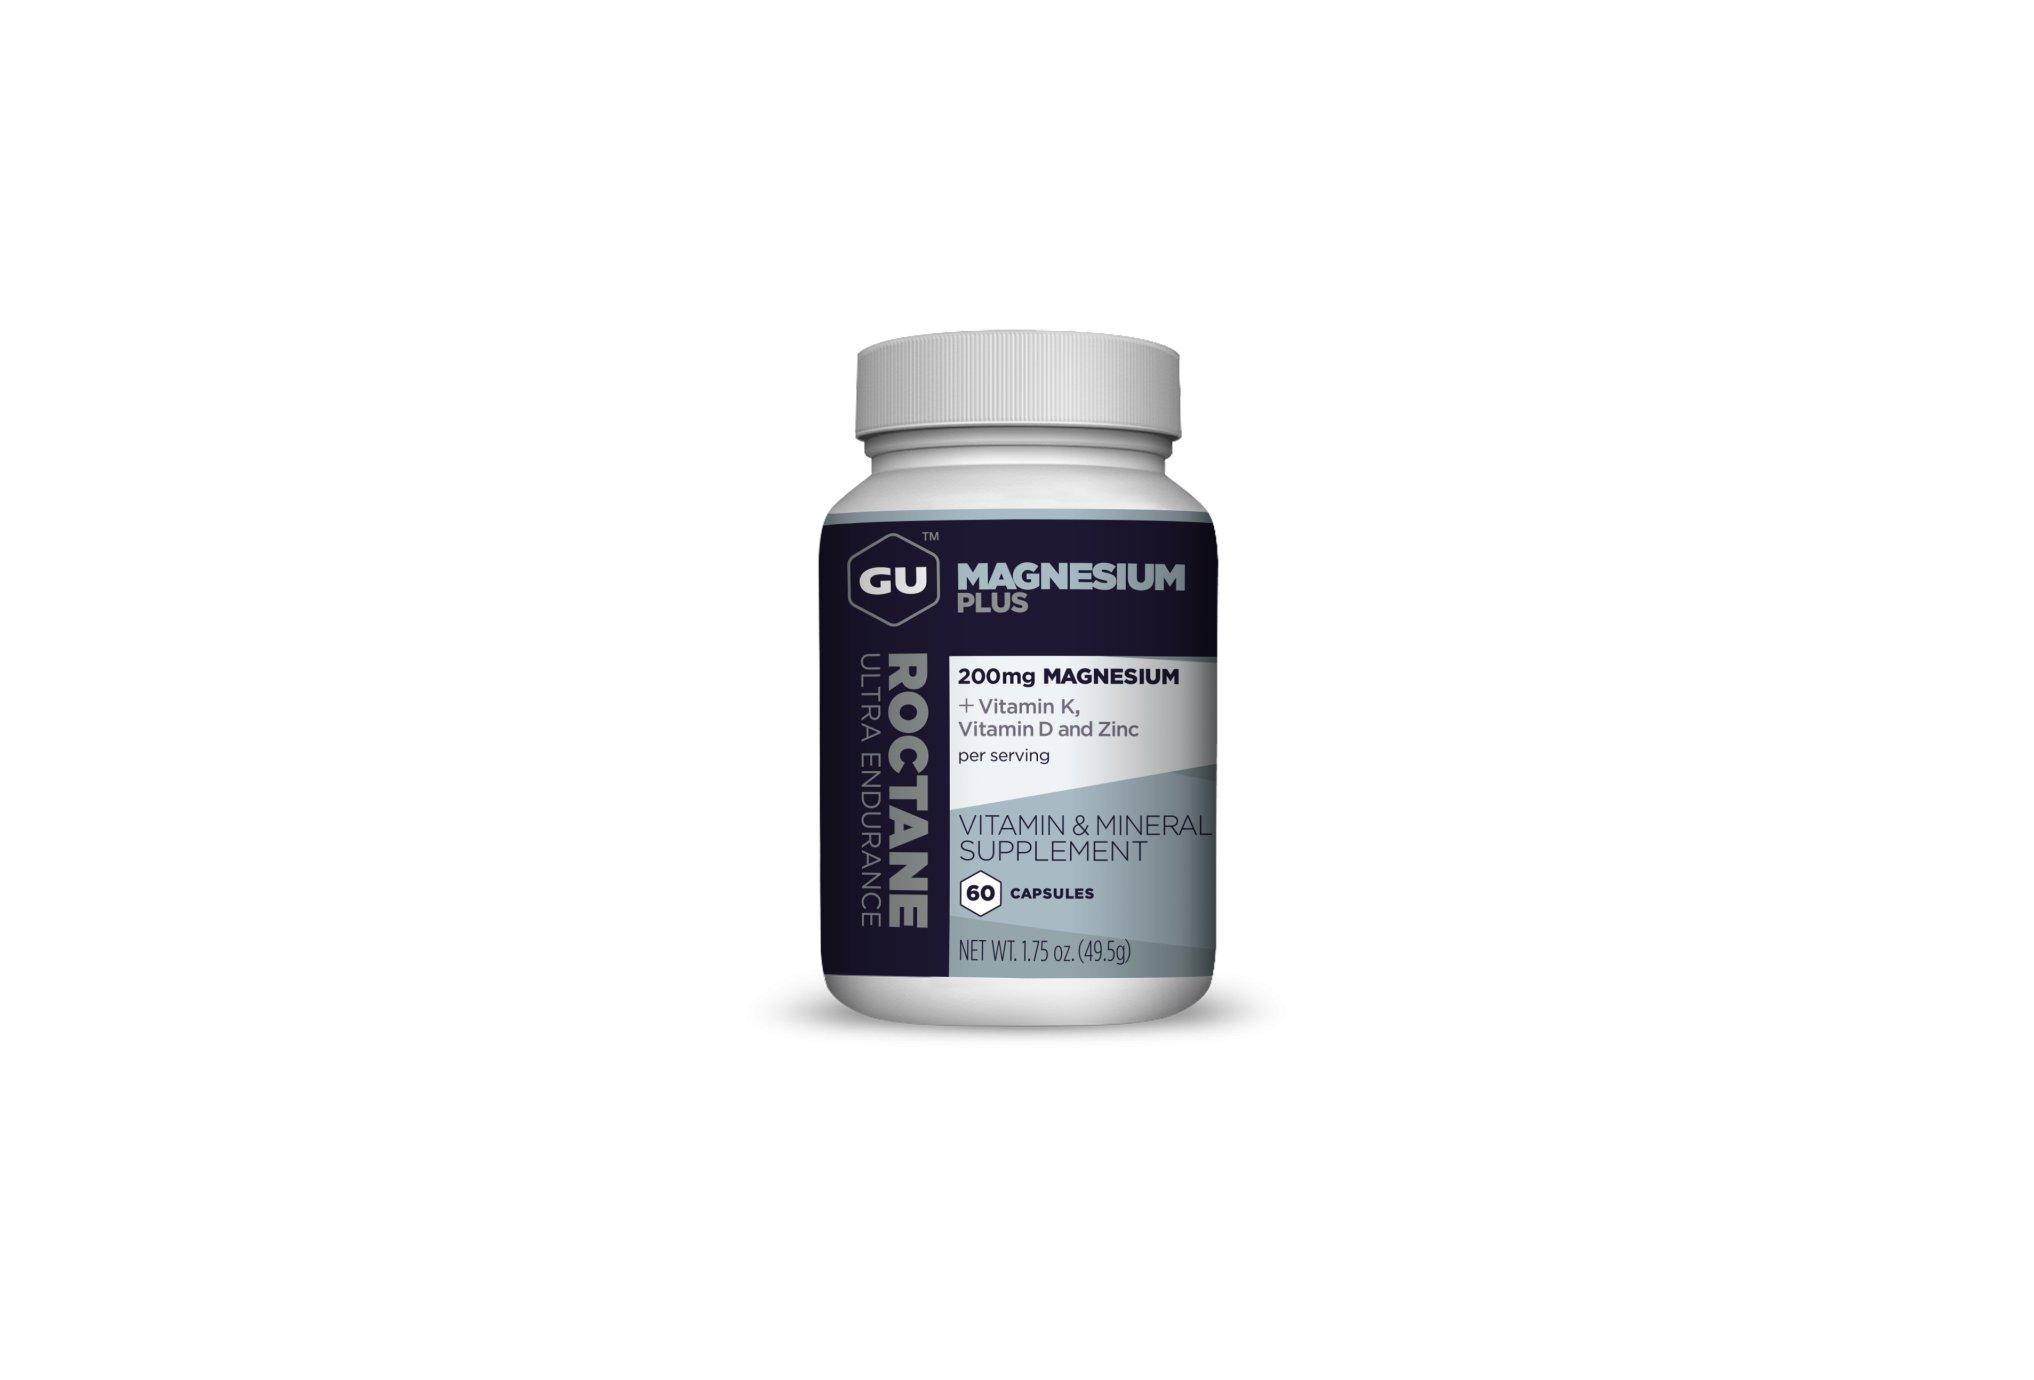 GU Roctane Magnesium Plus Capsules Diététique Compléments